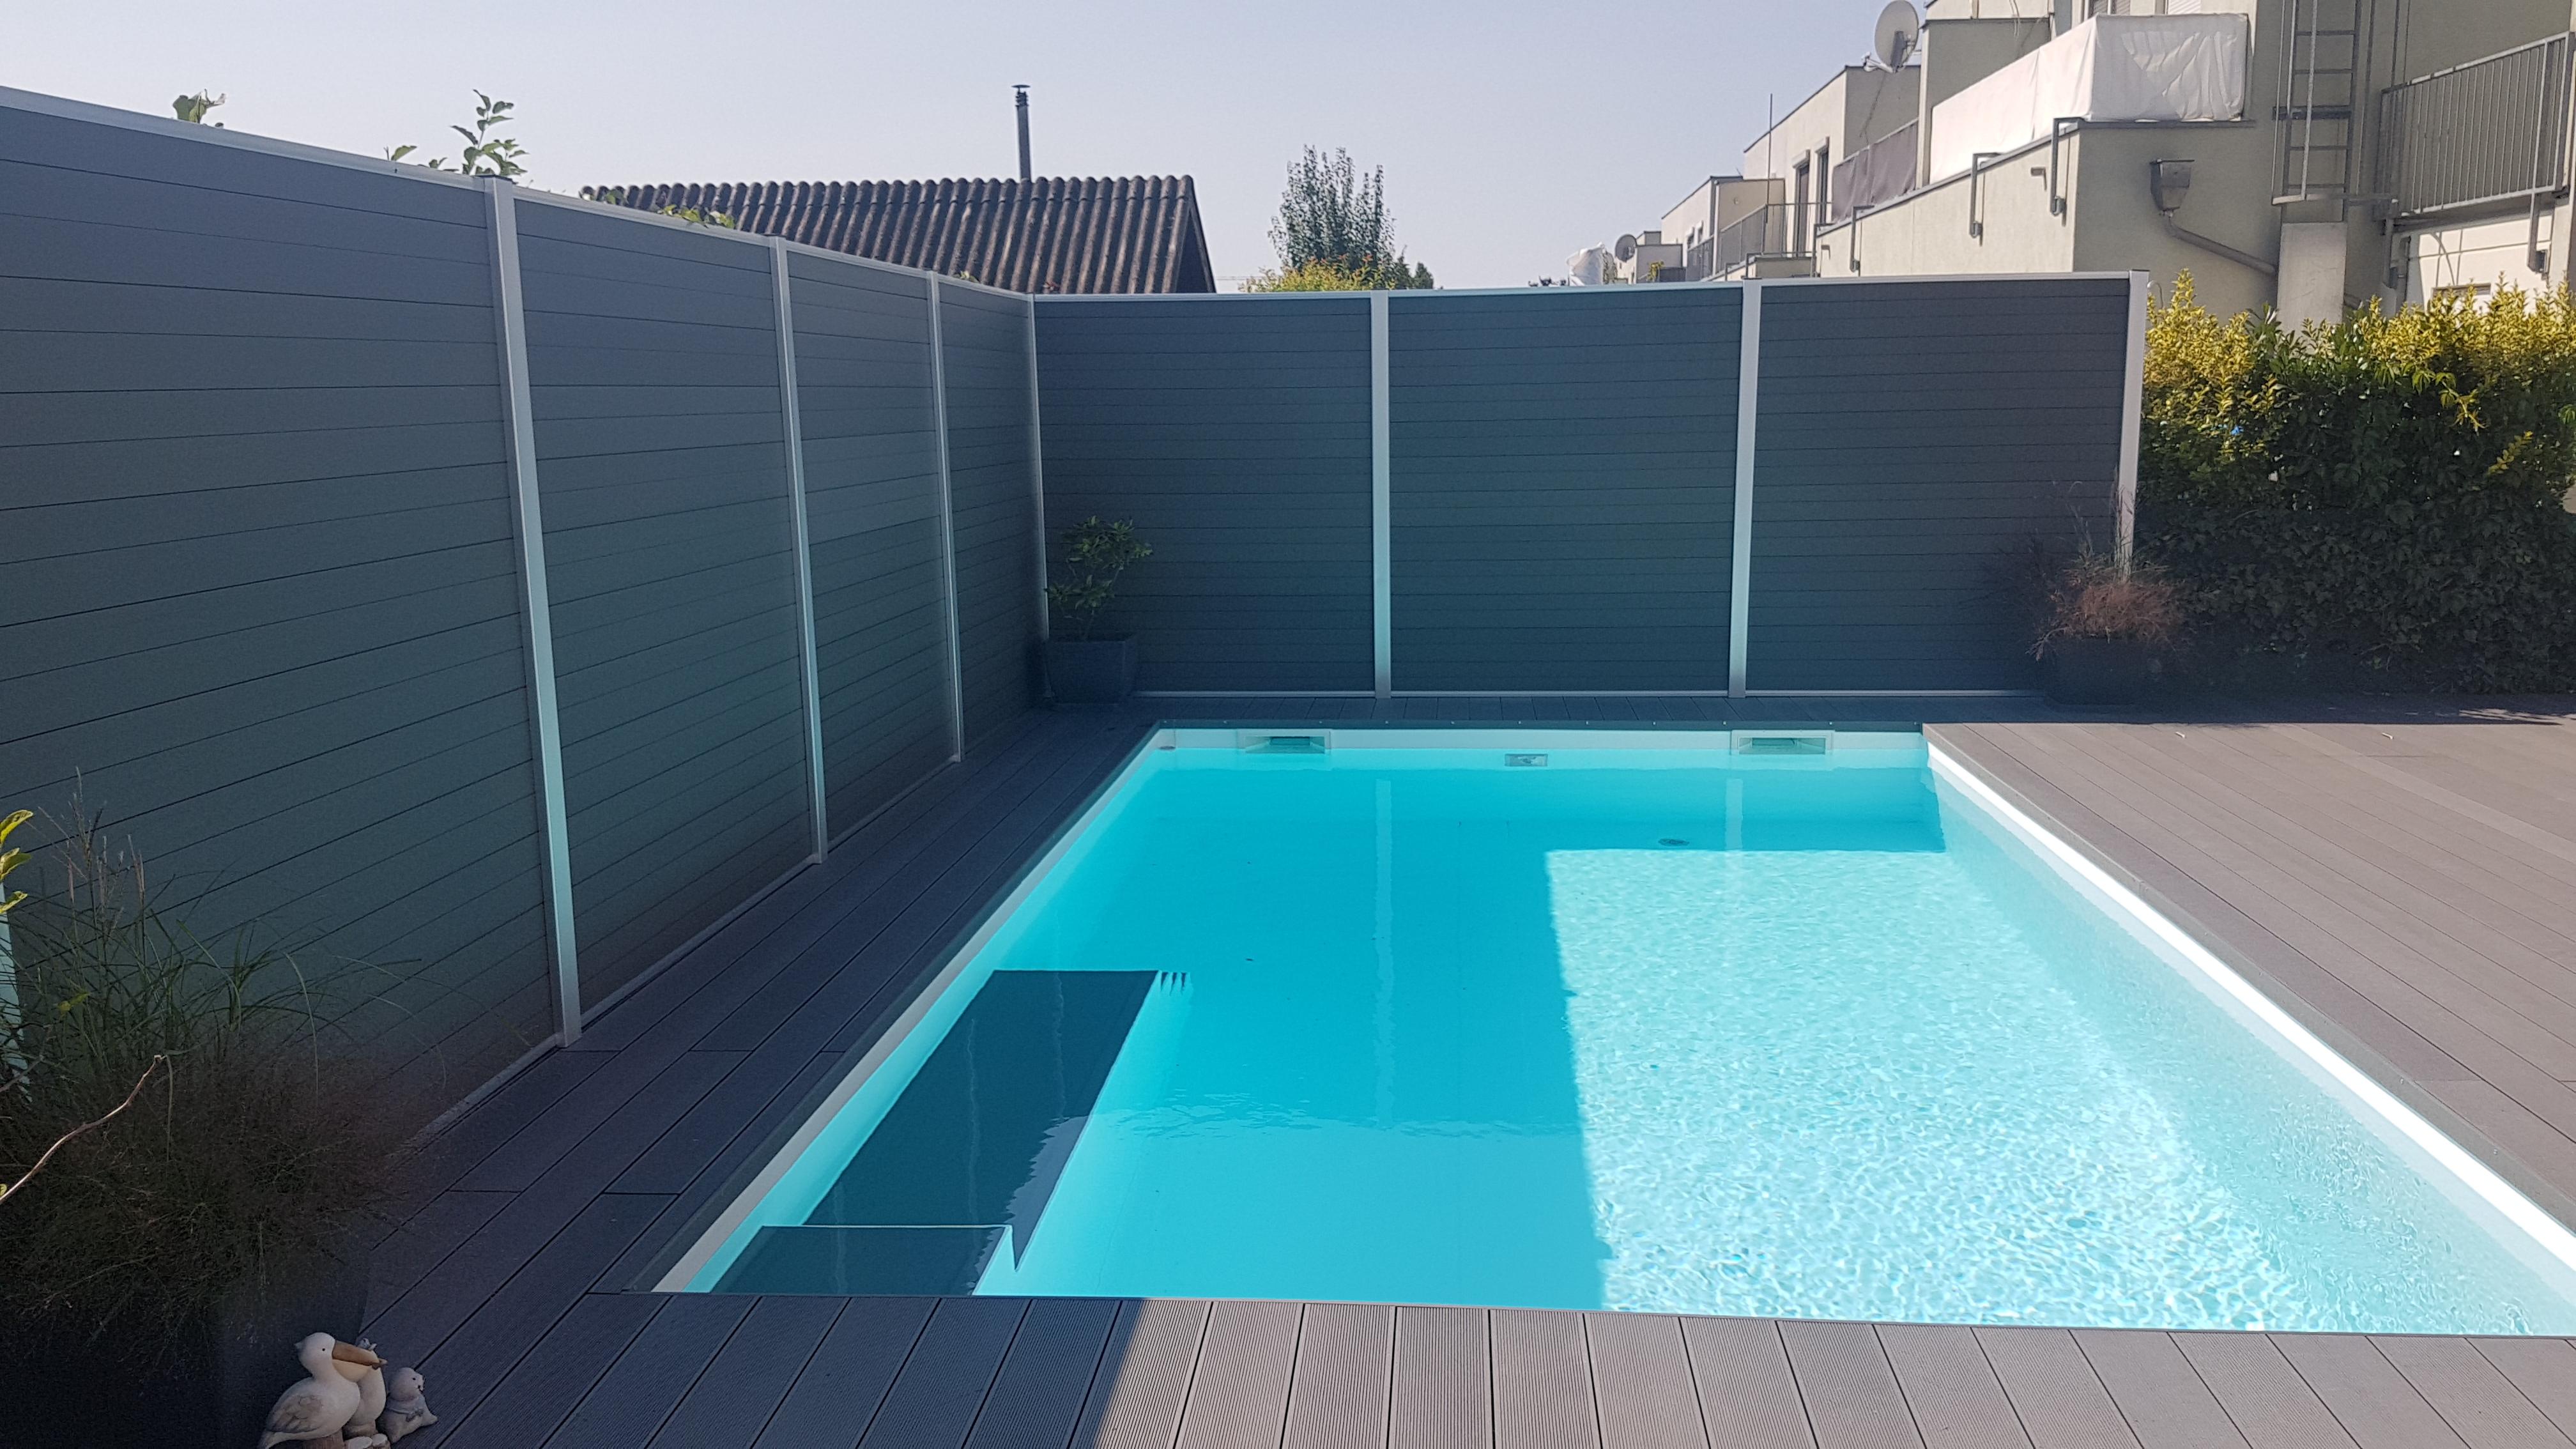 Pool Und Sichtschutz In Granit